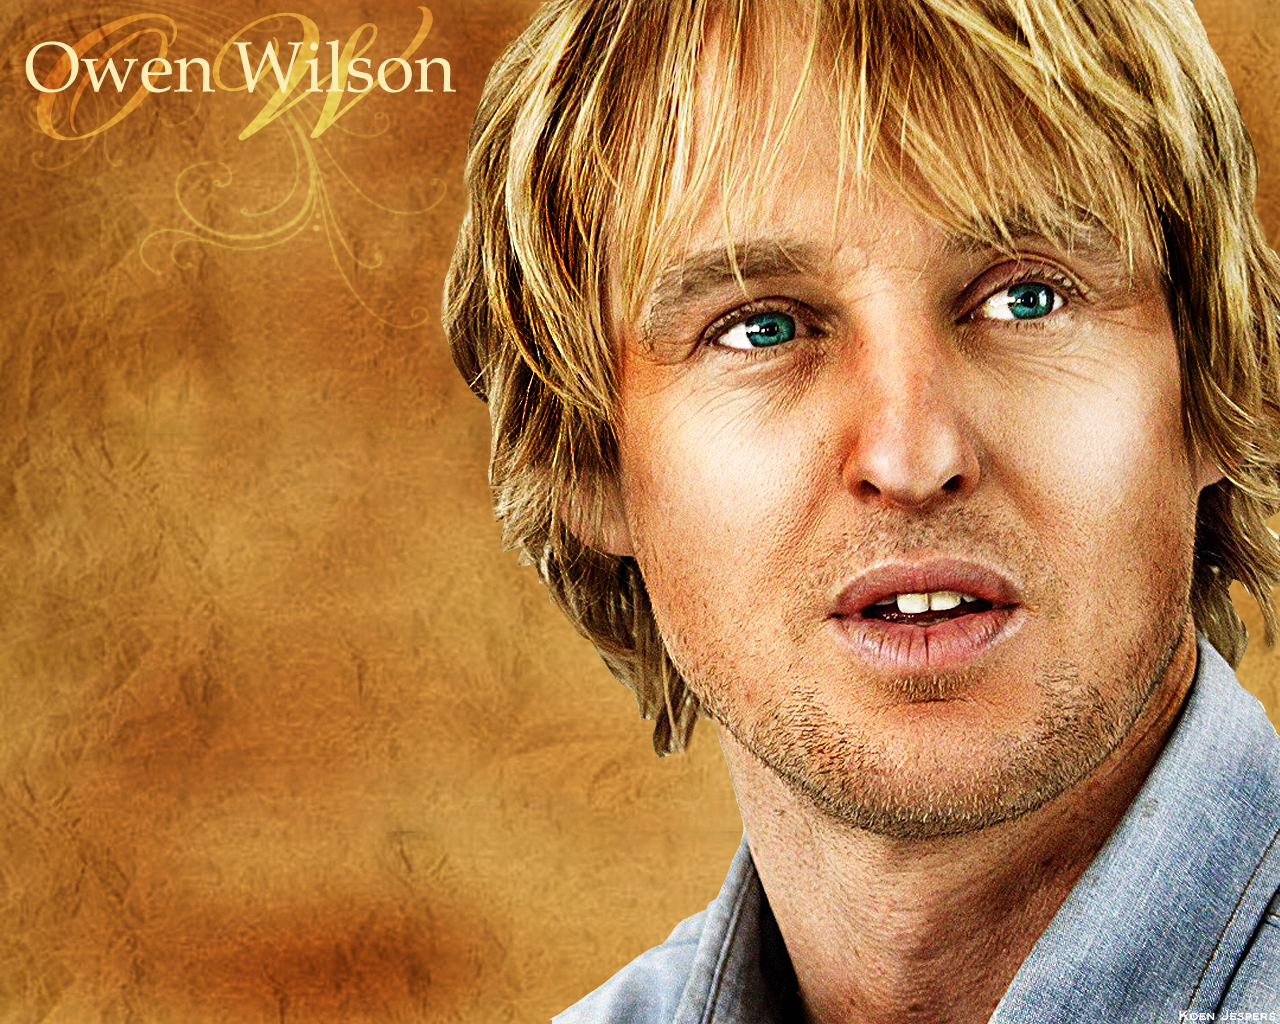 http://4.bp.blogspot.com/-hz9NQHcIppA/T7dxP4fRWPI/AAAAAAAAAZI/E77QYtBW7BQ/s1600/Owen-Wilson-hd-Wallpapers-.jpg